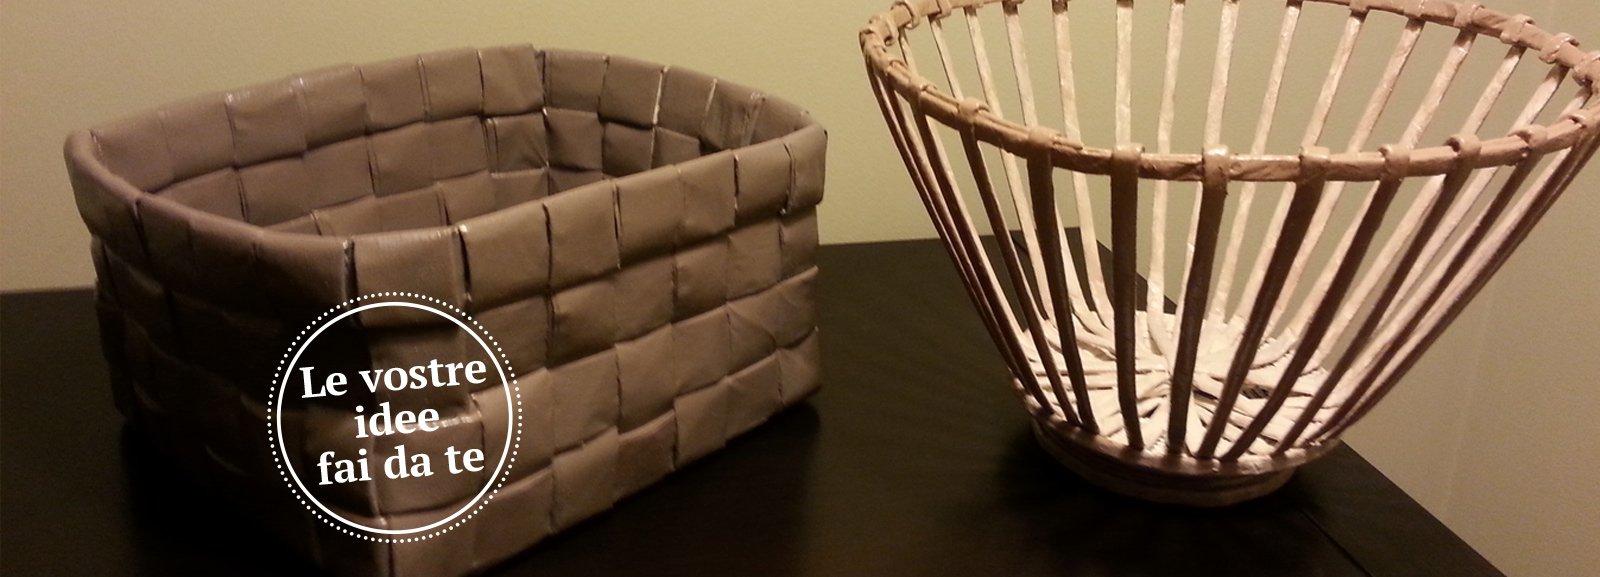 Con carta di riciclo cestini ciotole e vasi decorativi for Rimodernare casa fai da te